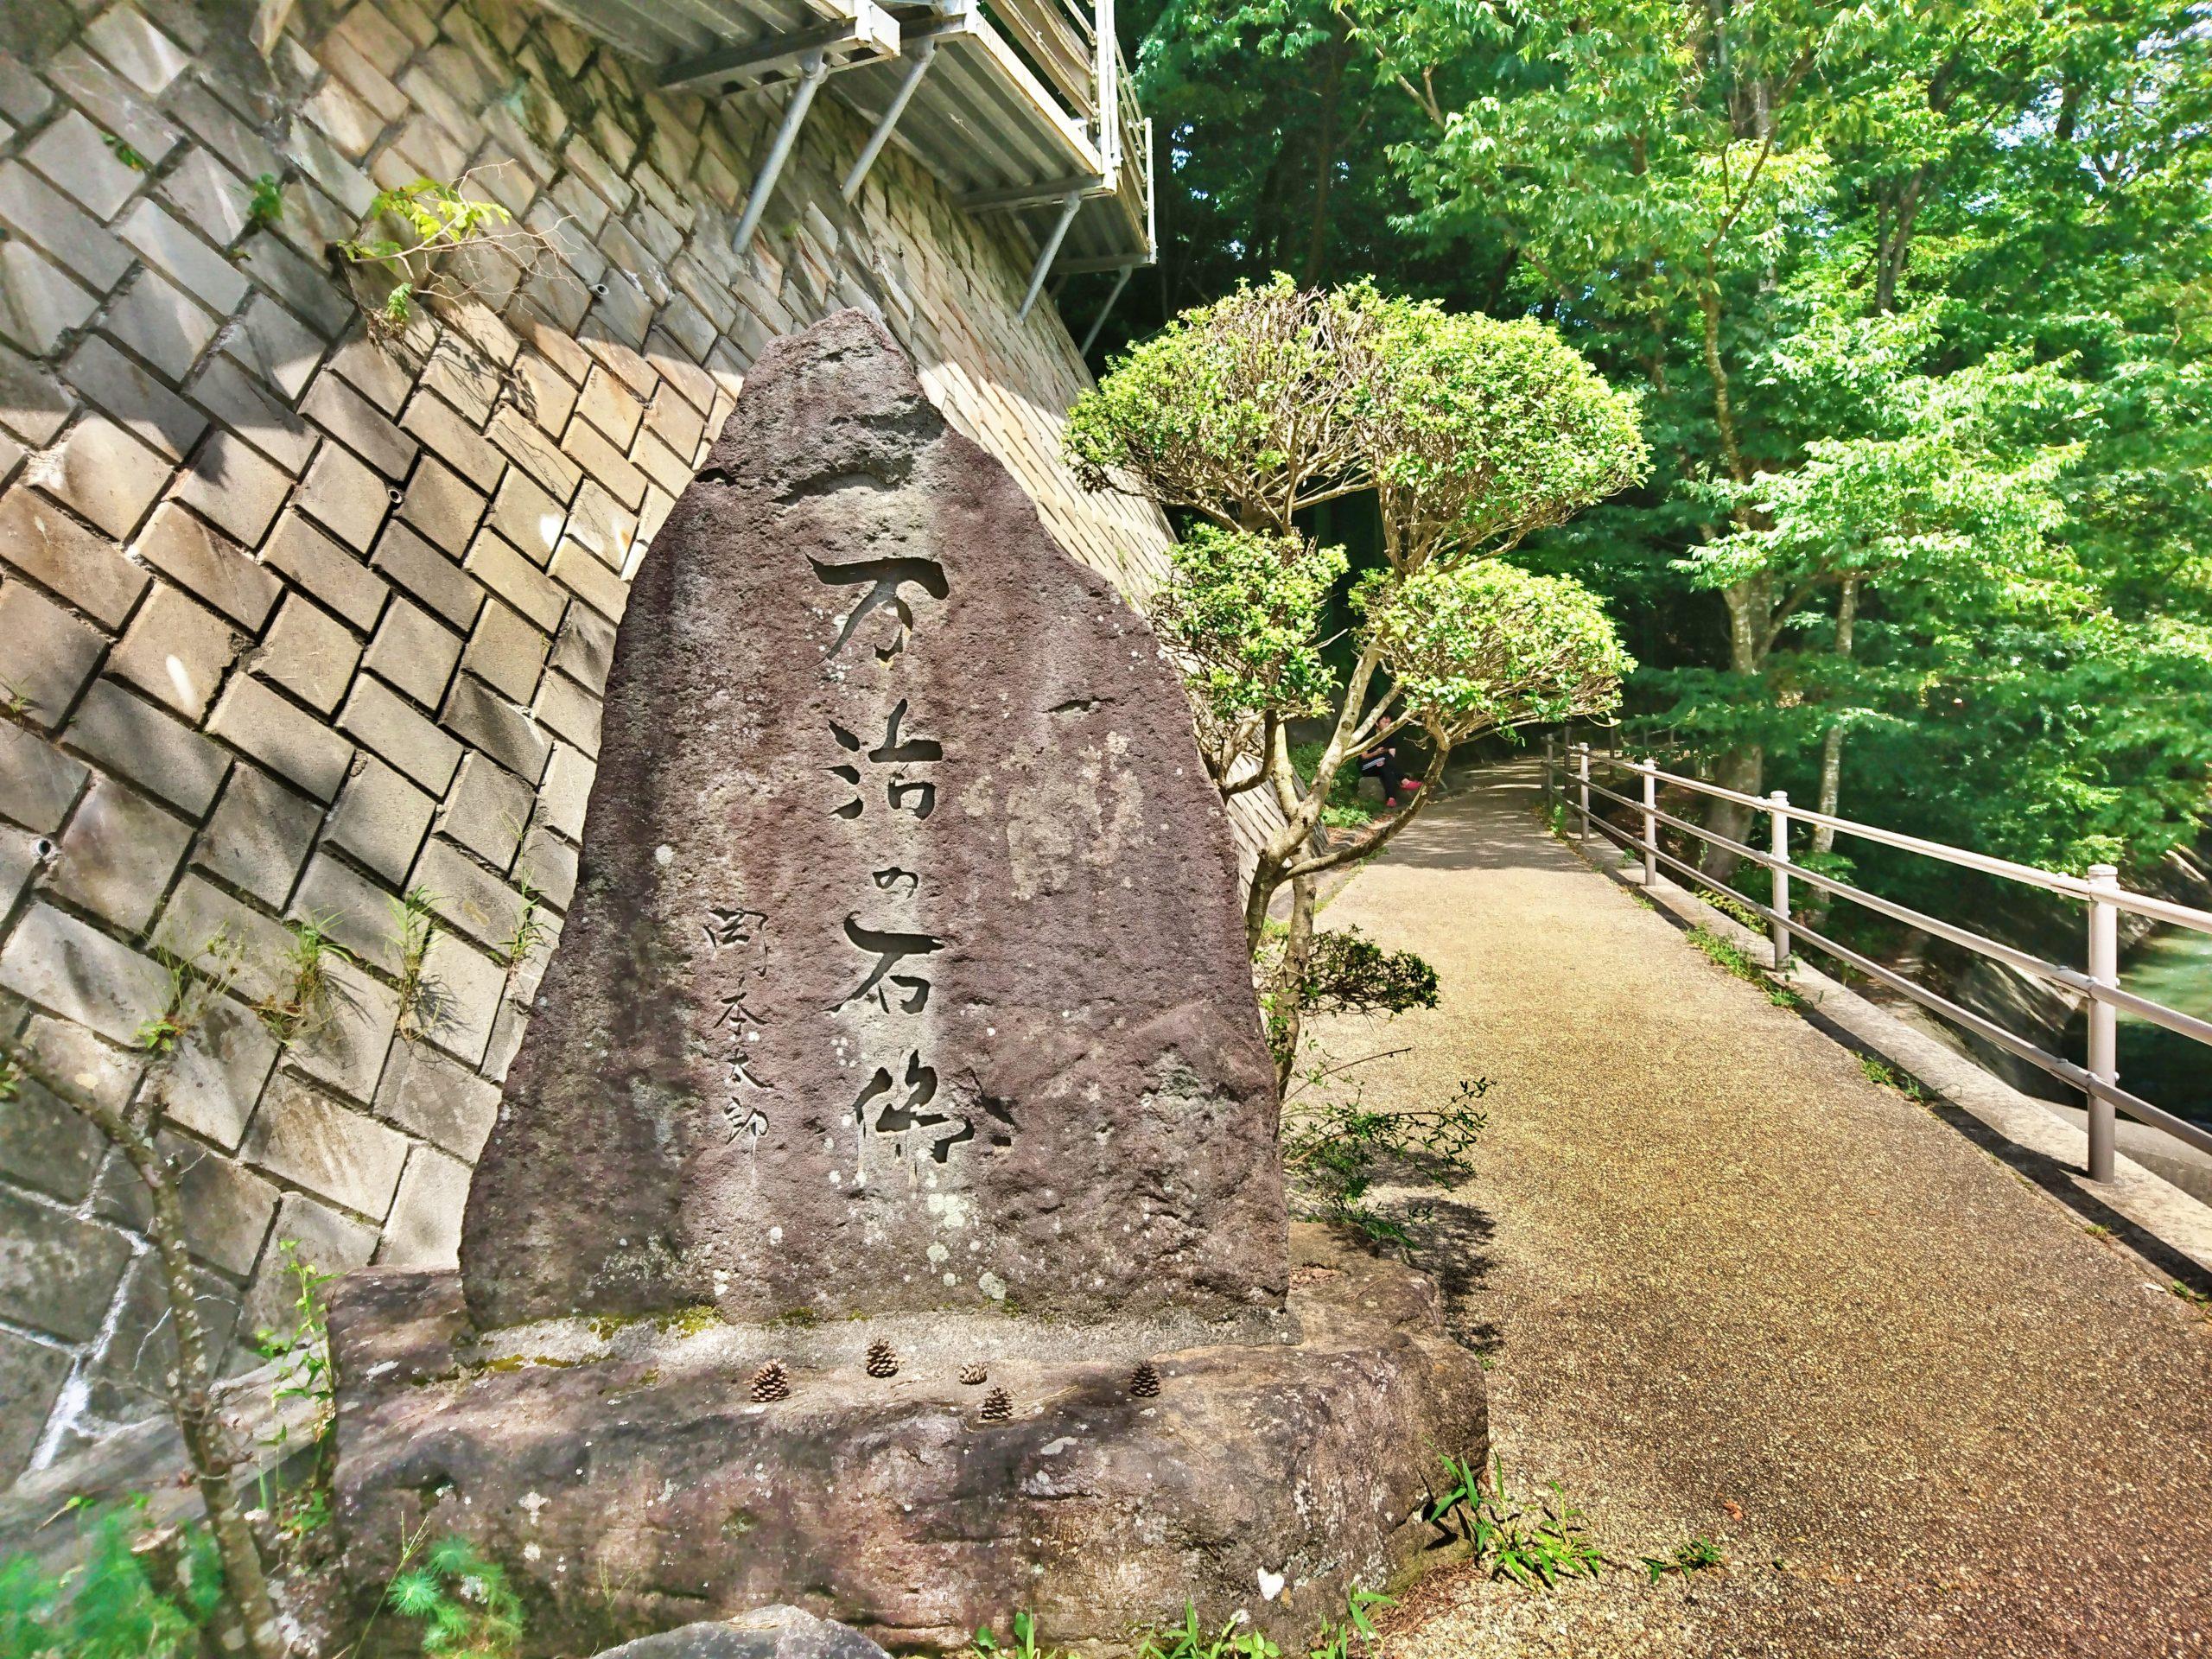 諏訪大社下社春宮の近くにある岡本太郎の「万治の石仏」の石碑